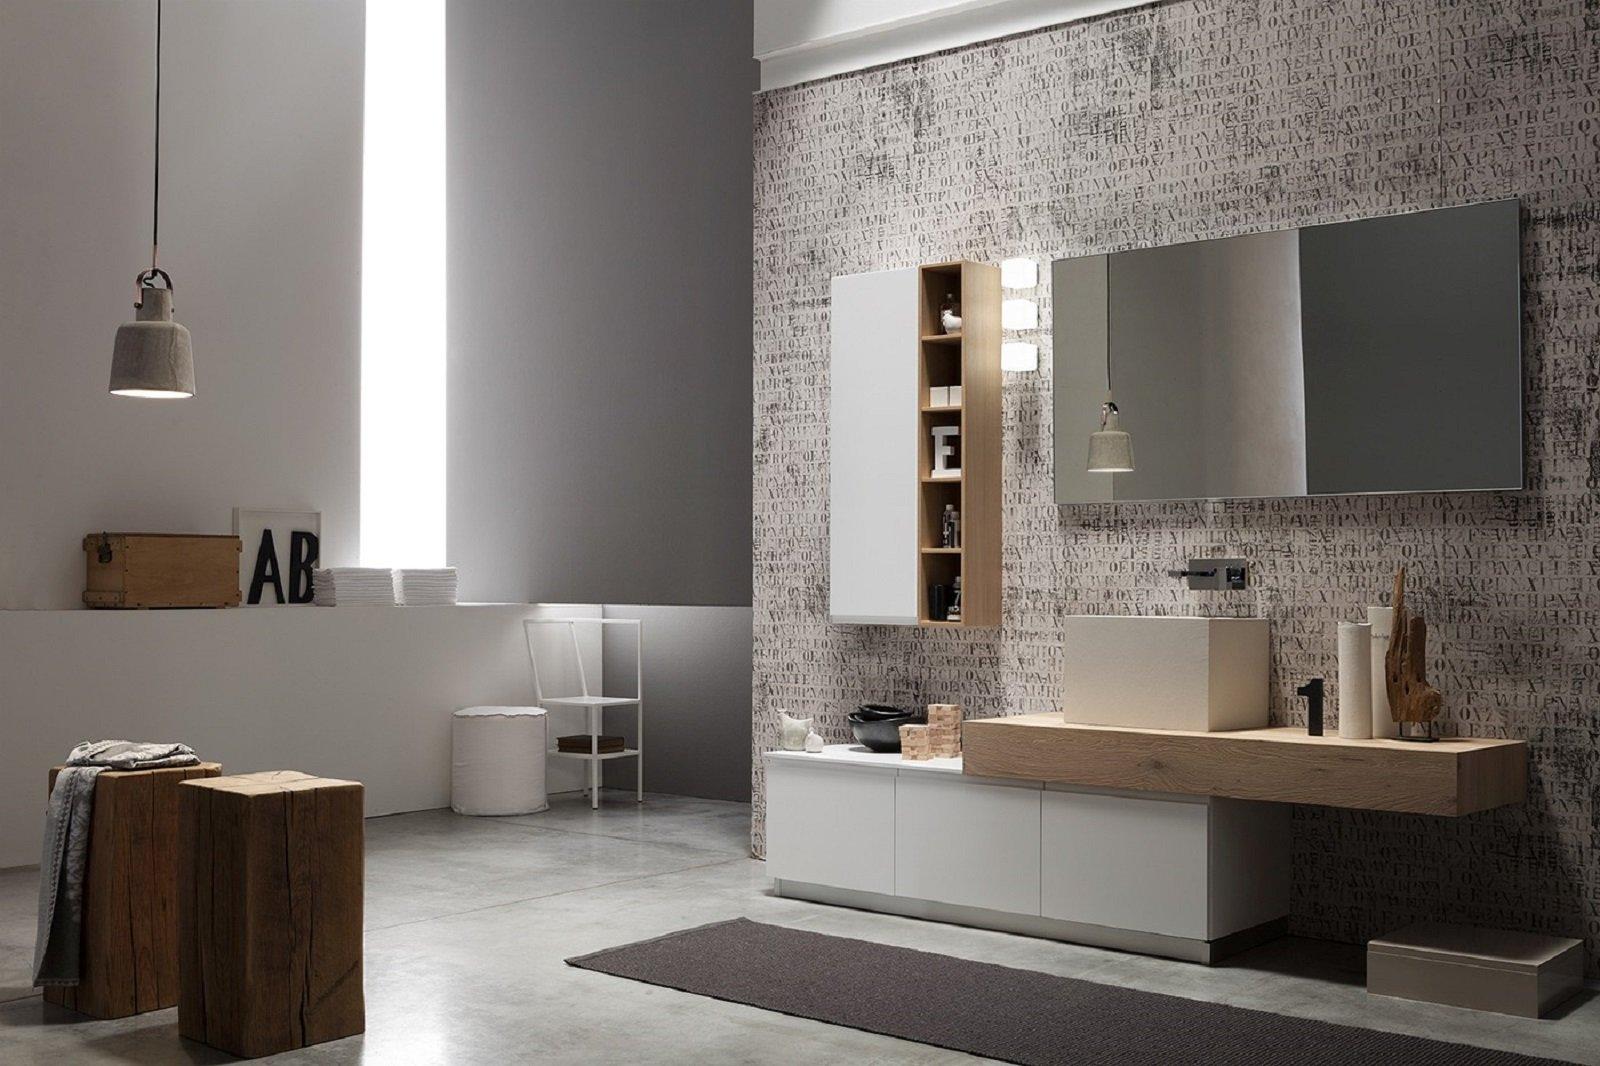 Mondo convenienza bagno classico best bagni mondo for Mondo convenienza specchi